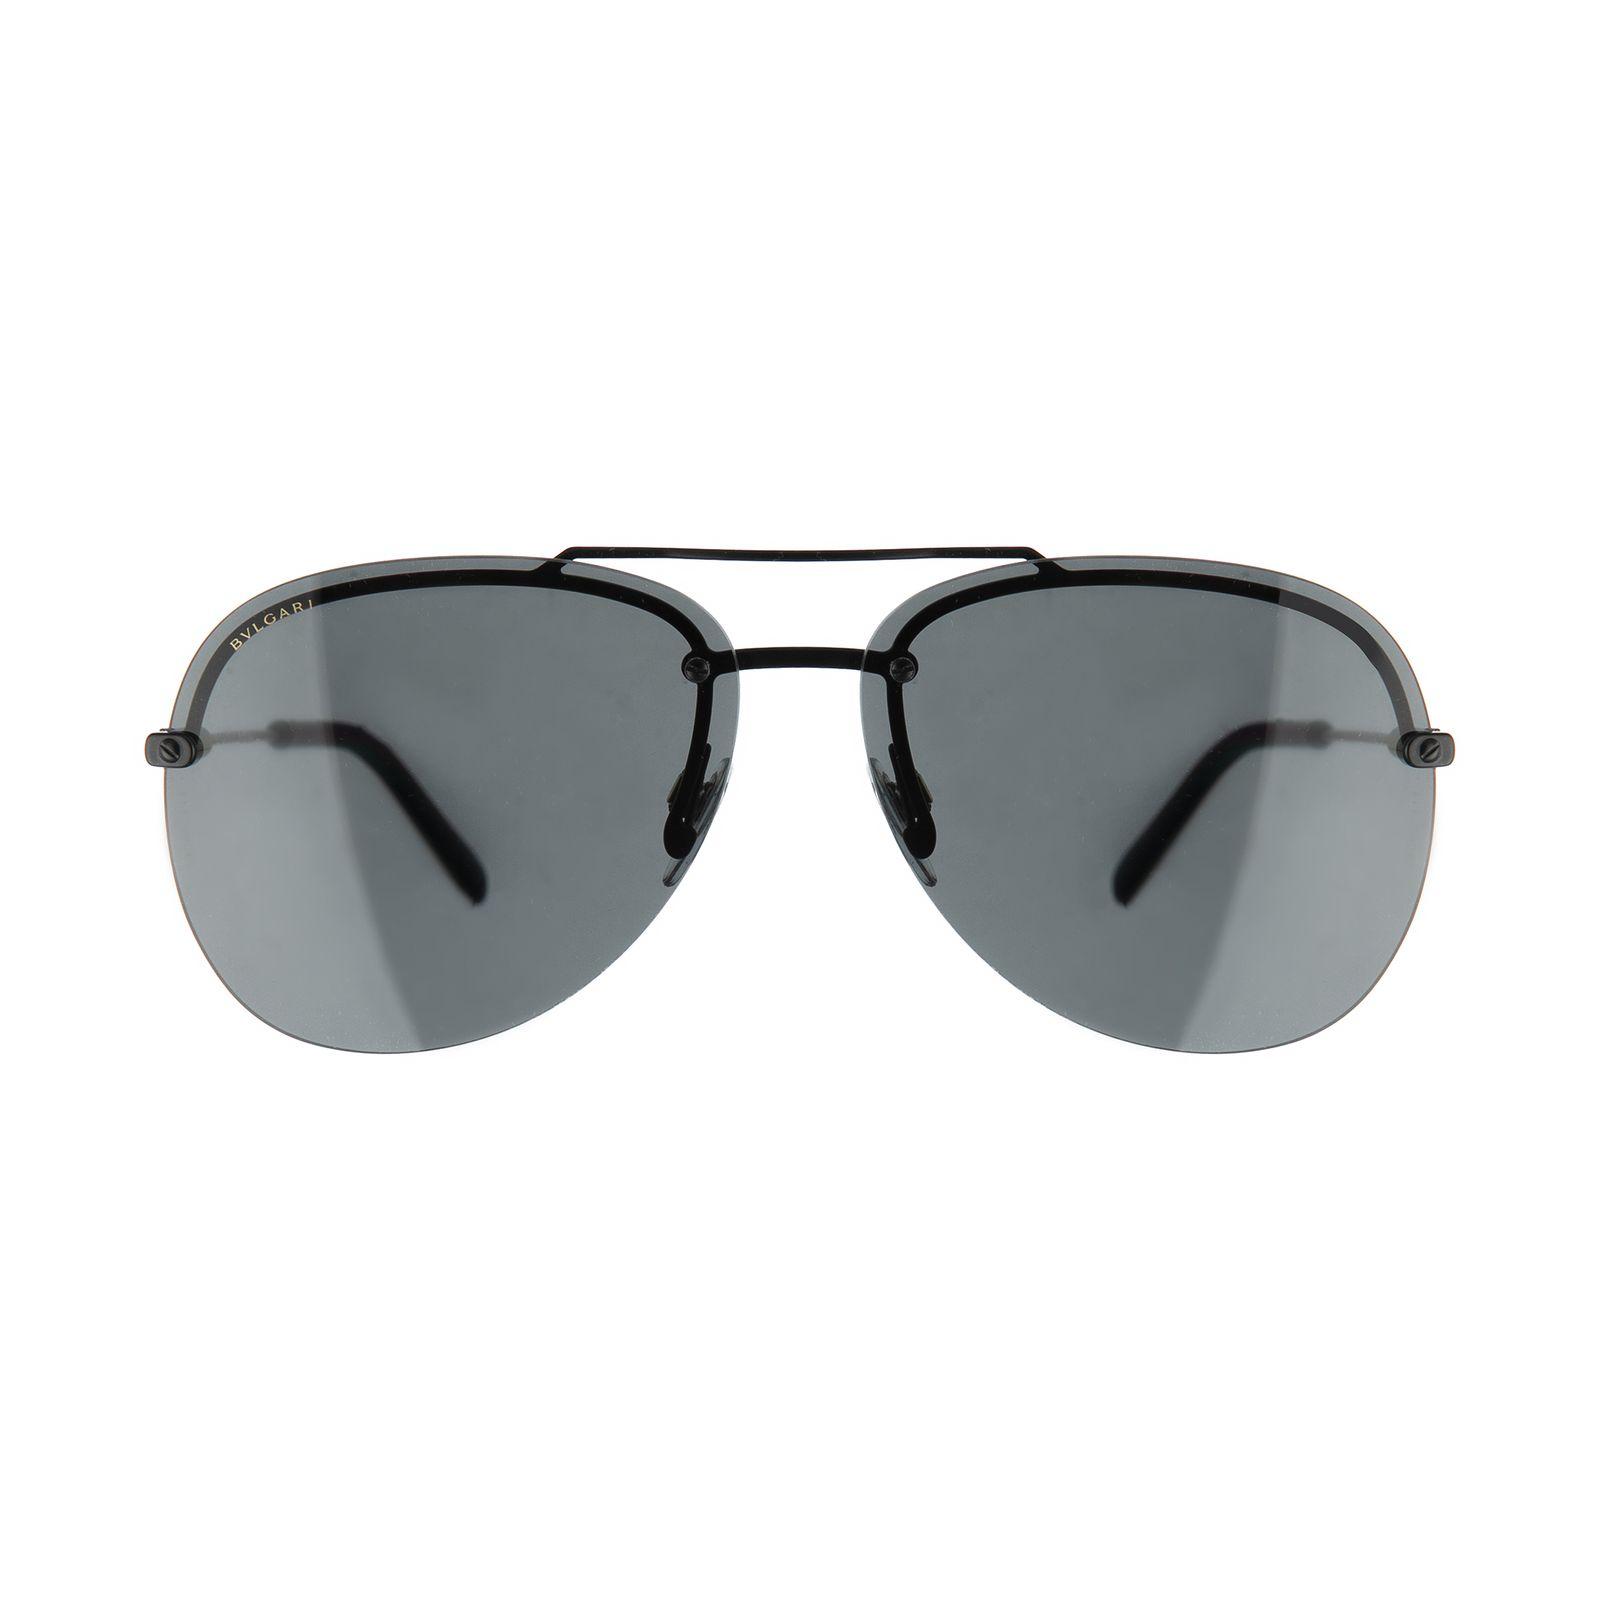 عینک آفتابی مردانه بولگاری مدل BV5044S 12887 -  - 2